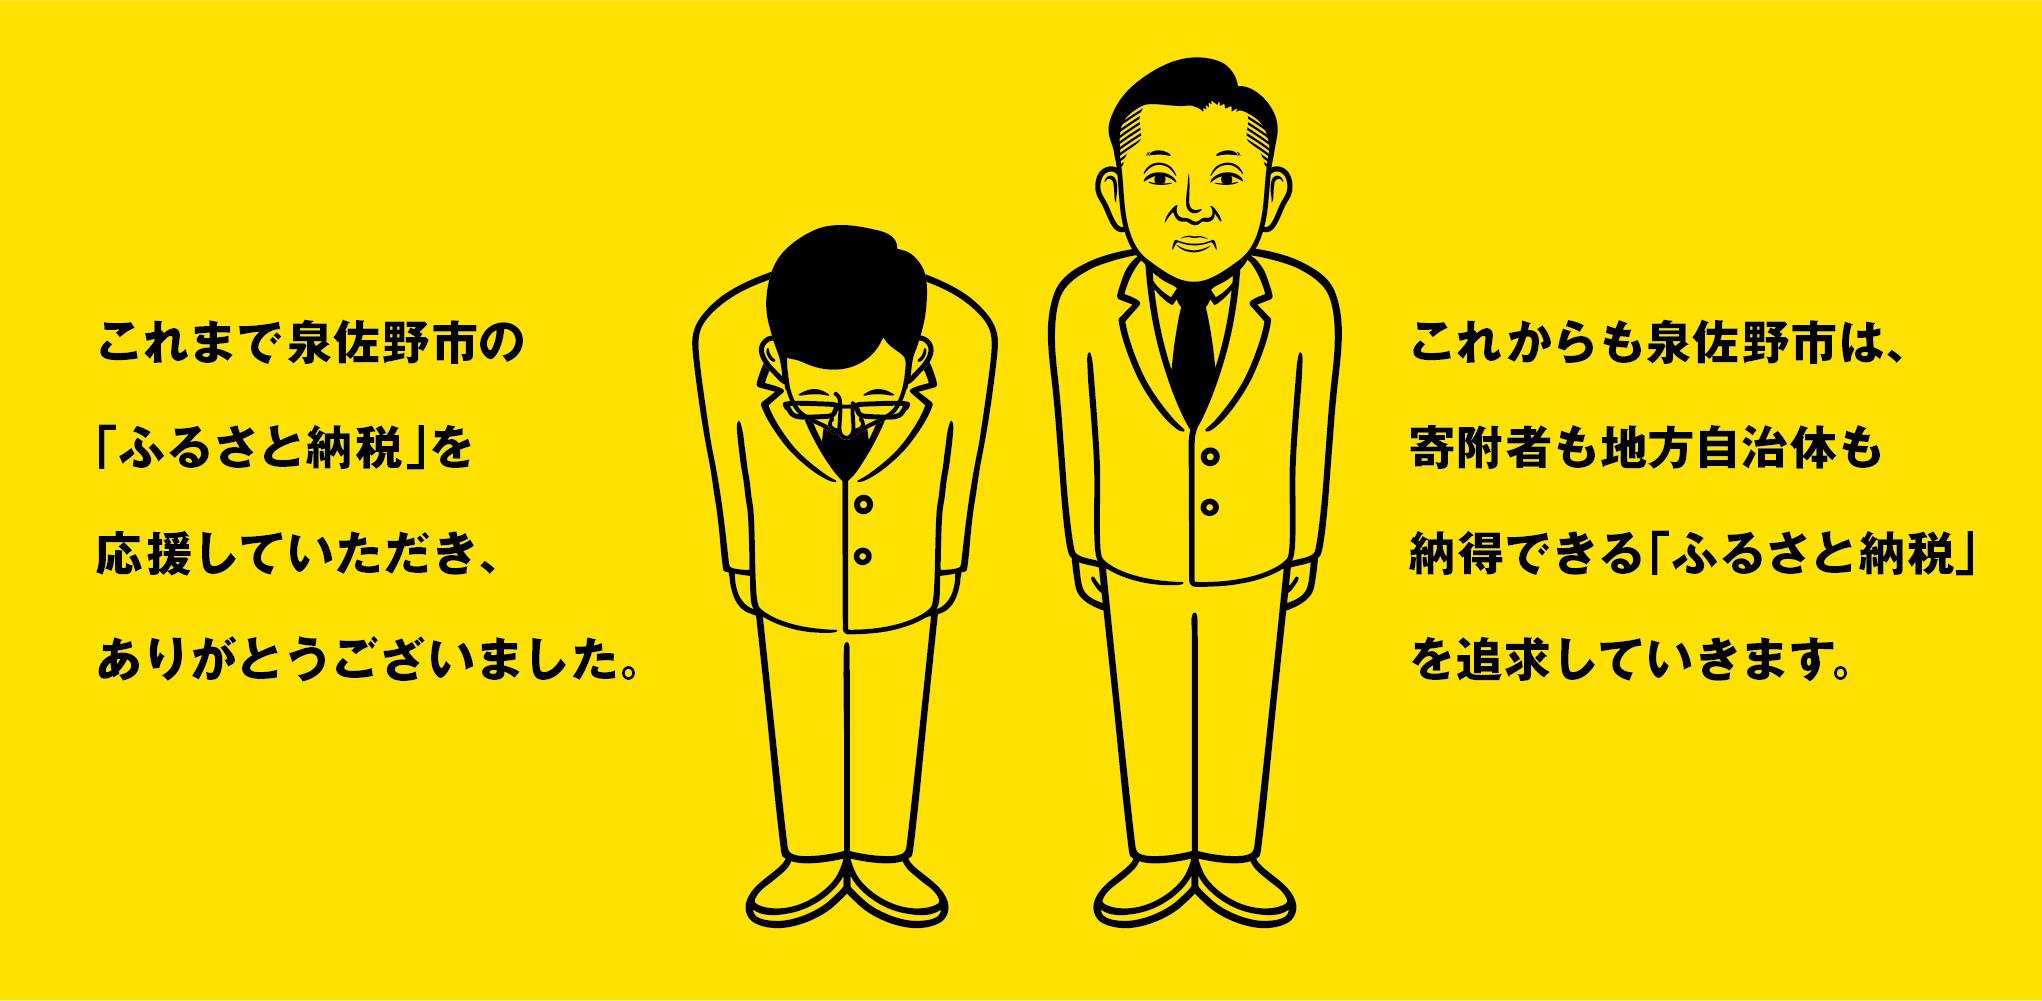 【朗報】ふるさと納税乞食の大阪府泉佐野市、最高裁にて勝訴。しかし裁判官も苦言「アマゾンギフト券を配りまくったのは社会通念上、節度を欠いていた」。